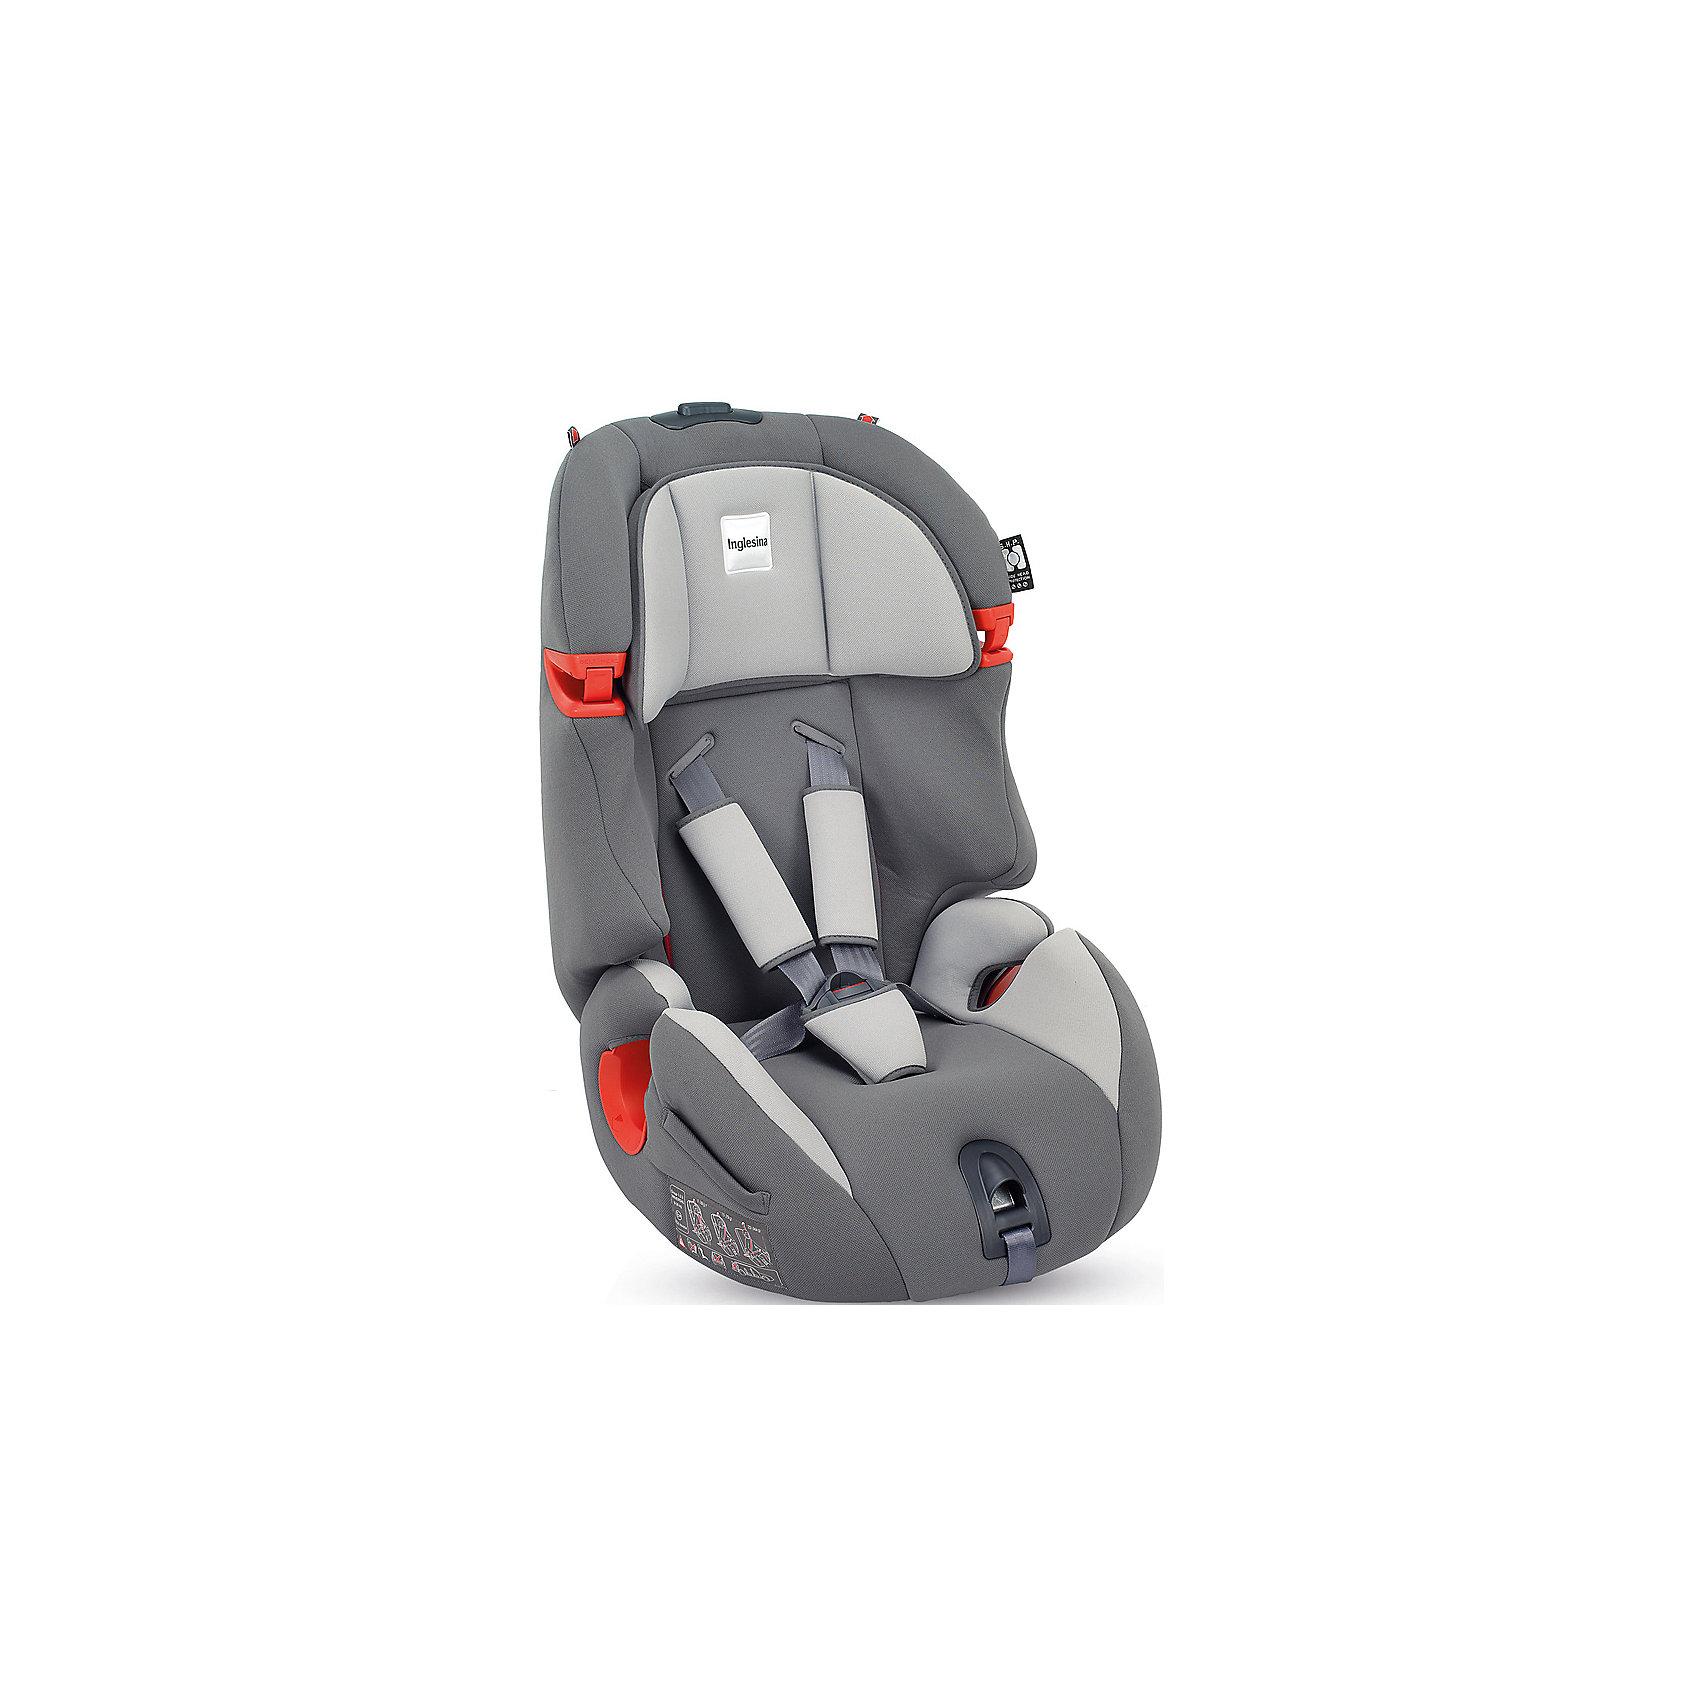 Автокресло Inglesina Prime Miglia 9-36 кг, GreyГруппа 1-2-3 (От 9 до 36 кг)<br>Автокресло Prime Miglia - прекрасный вариант для поездок и путешествий. Сначала дети фиксируются в кресле внутренними ремнями с мягкими накладками, а когда ребенок подрастет (достигнет роста более 1 м) - обычными штатными ремнями автомобиля. Технология Side Head Protection защитит малышей от боковых ударов. Подголовник в Inglesina Prime Miglia можно регулировать по ширине. Он жёстко соединён со спинкой, поэтому регулировка высоты конструктивно осуществляется поднятием спинки. Кресло обладает удобной универсальной конструкцией и приятной на ощупь обивкой. Чехлы сшиты из практичной и прочной ткани. Их можно снимать и стирать в режиме деликатной стирки. <br><br>Дополнительная информация:<br><br>- Материал: текстиль, пластик, металл.<br>- Размер: 44x70x45 см.<br>- Вес: 6,9 кг.<br>- Может трансформироваться в бустер. <br>- Группа 1/2/3 (9-36 кг).<br>- Устанавливается по ходу  движения. <br>-  Внутренние пятиточечные ремни безопасности для малышей.<br>- Регулировка наклона спинки (в 6 положениях).<br>- Регулируемый подголовник (4 вертикальных положения, 5 горизонтальных положения.<br>- Съемные чехлы.<br><br>Автокресло Prime Miglia  9-36 кг., Inglesina (Инглезина), Grey, можно купить в нашем магазине.<br><br>Ширина мм: 480<br>Глубина мм: 465<br>Высота мм: 845<br>Вес г: 8100<br>Возраст от месяцев: 9<br>Возраст до месяцев: 144<br>Пол: Унисекс<br>Возраст: Детский<br>SKU: 4764261